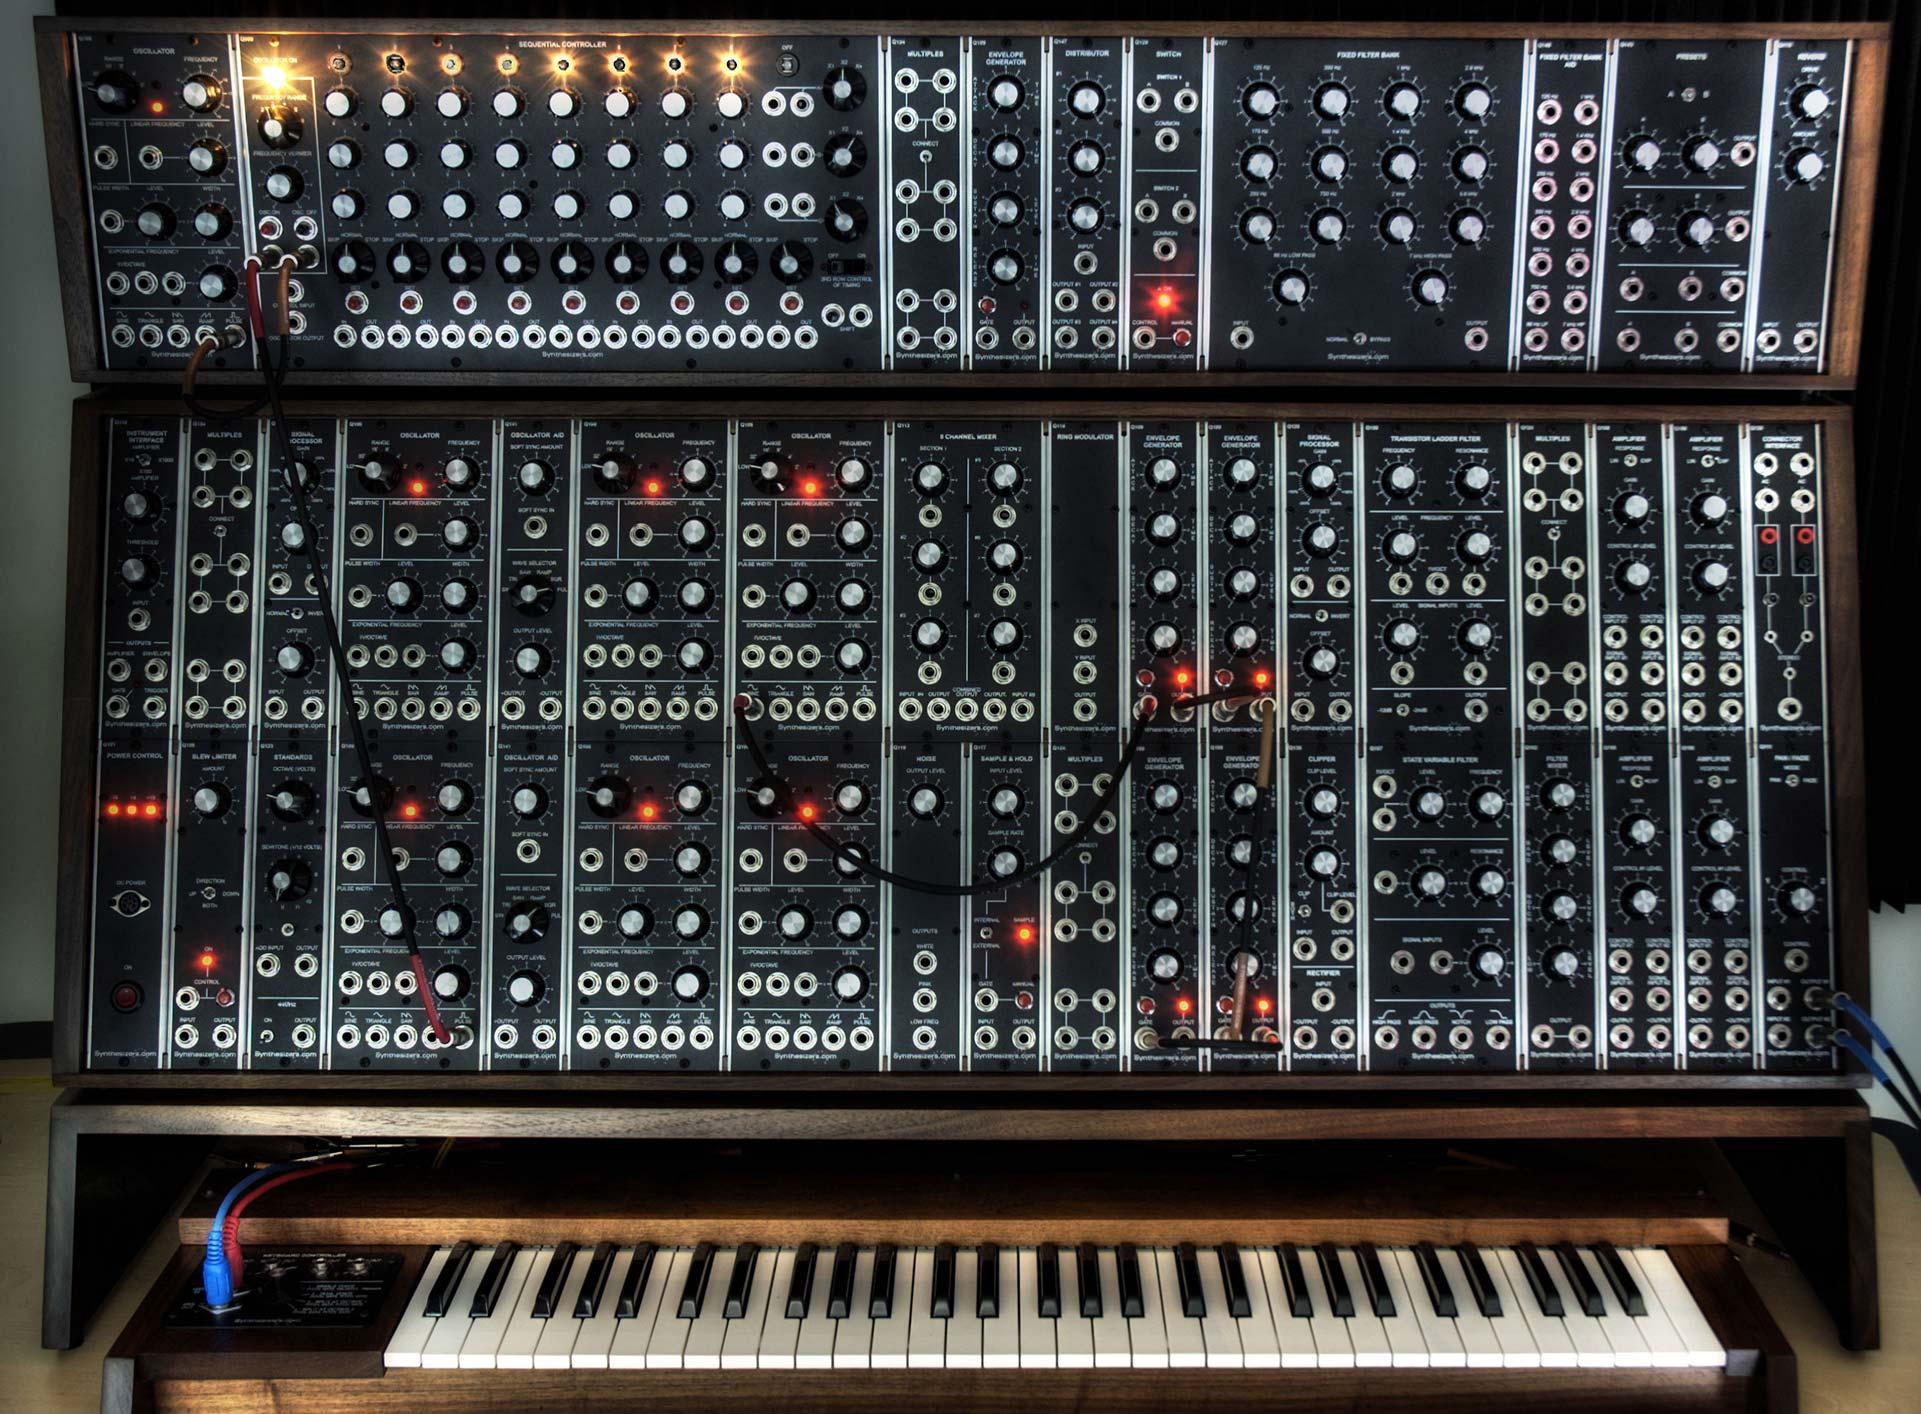 Geschützt: Die Elektrotechnik eines Synthesizers